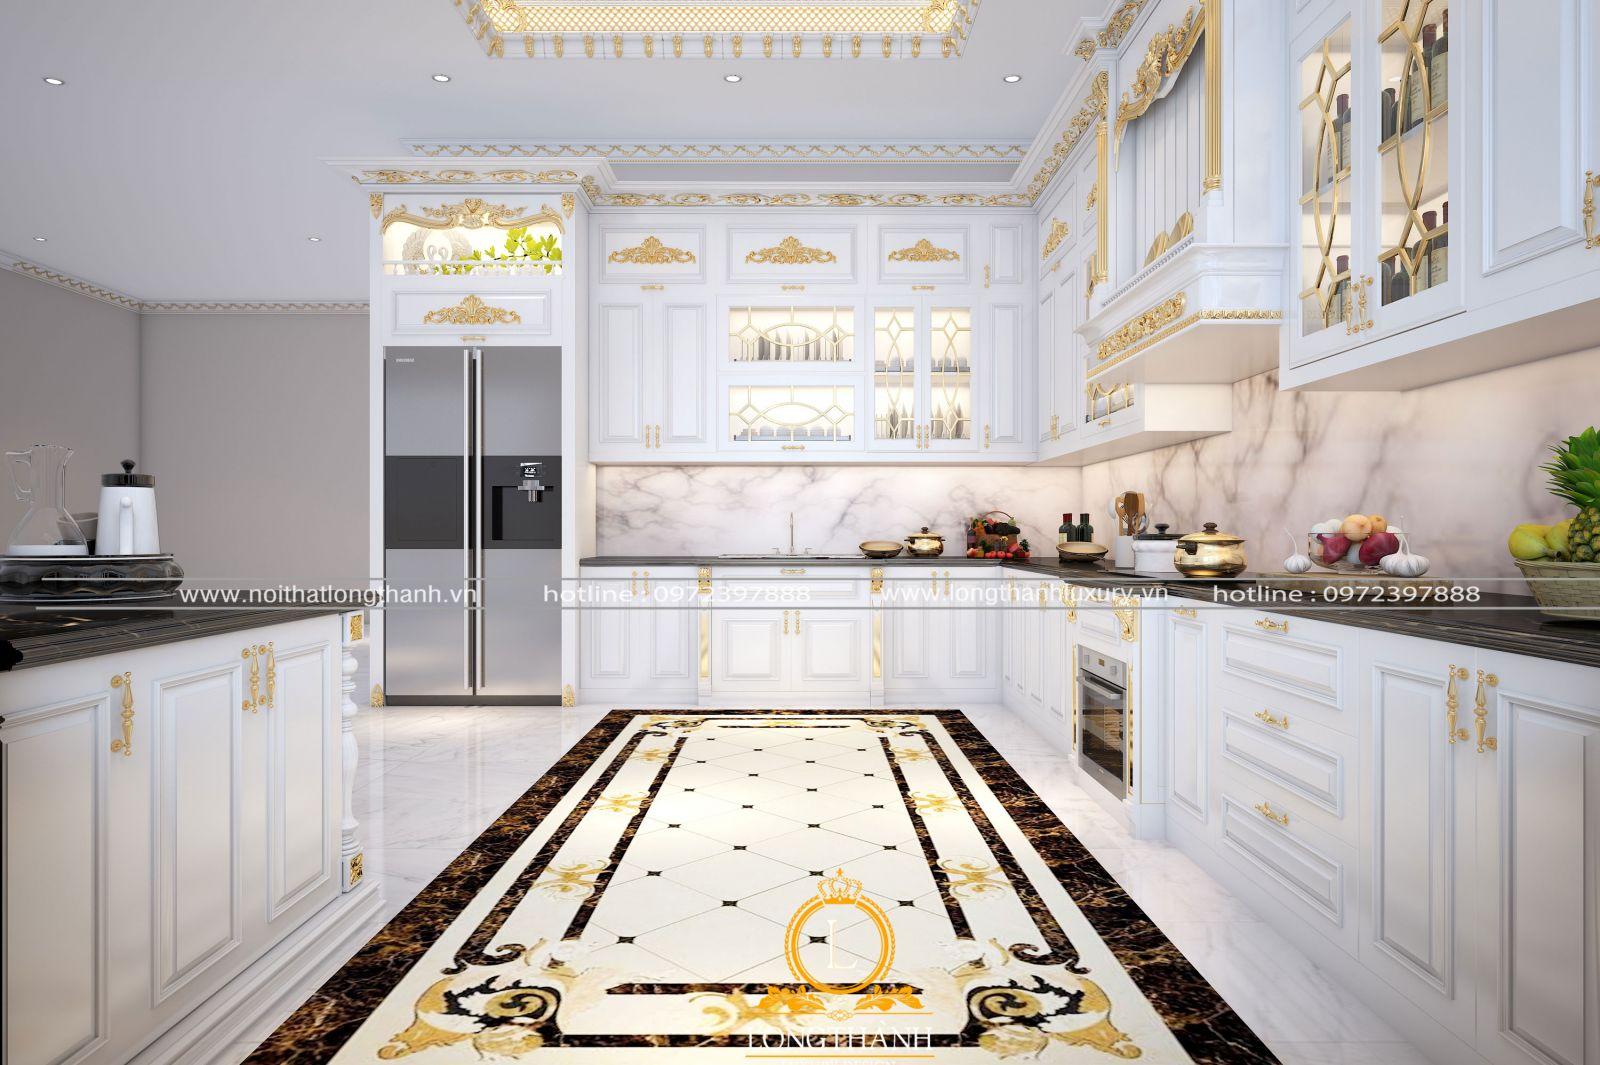 Mẫu tủ bếp đẹp ấn tượng